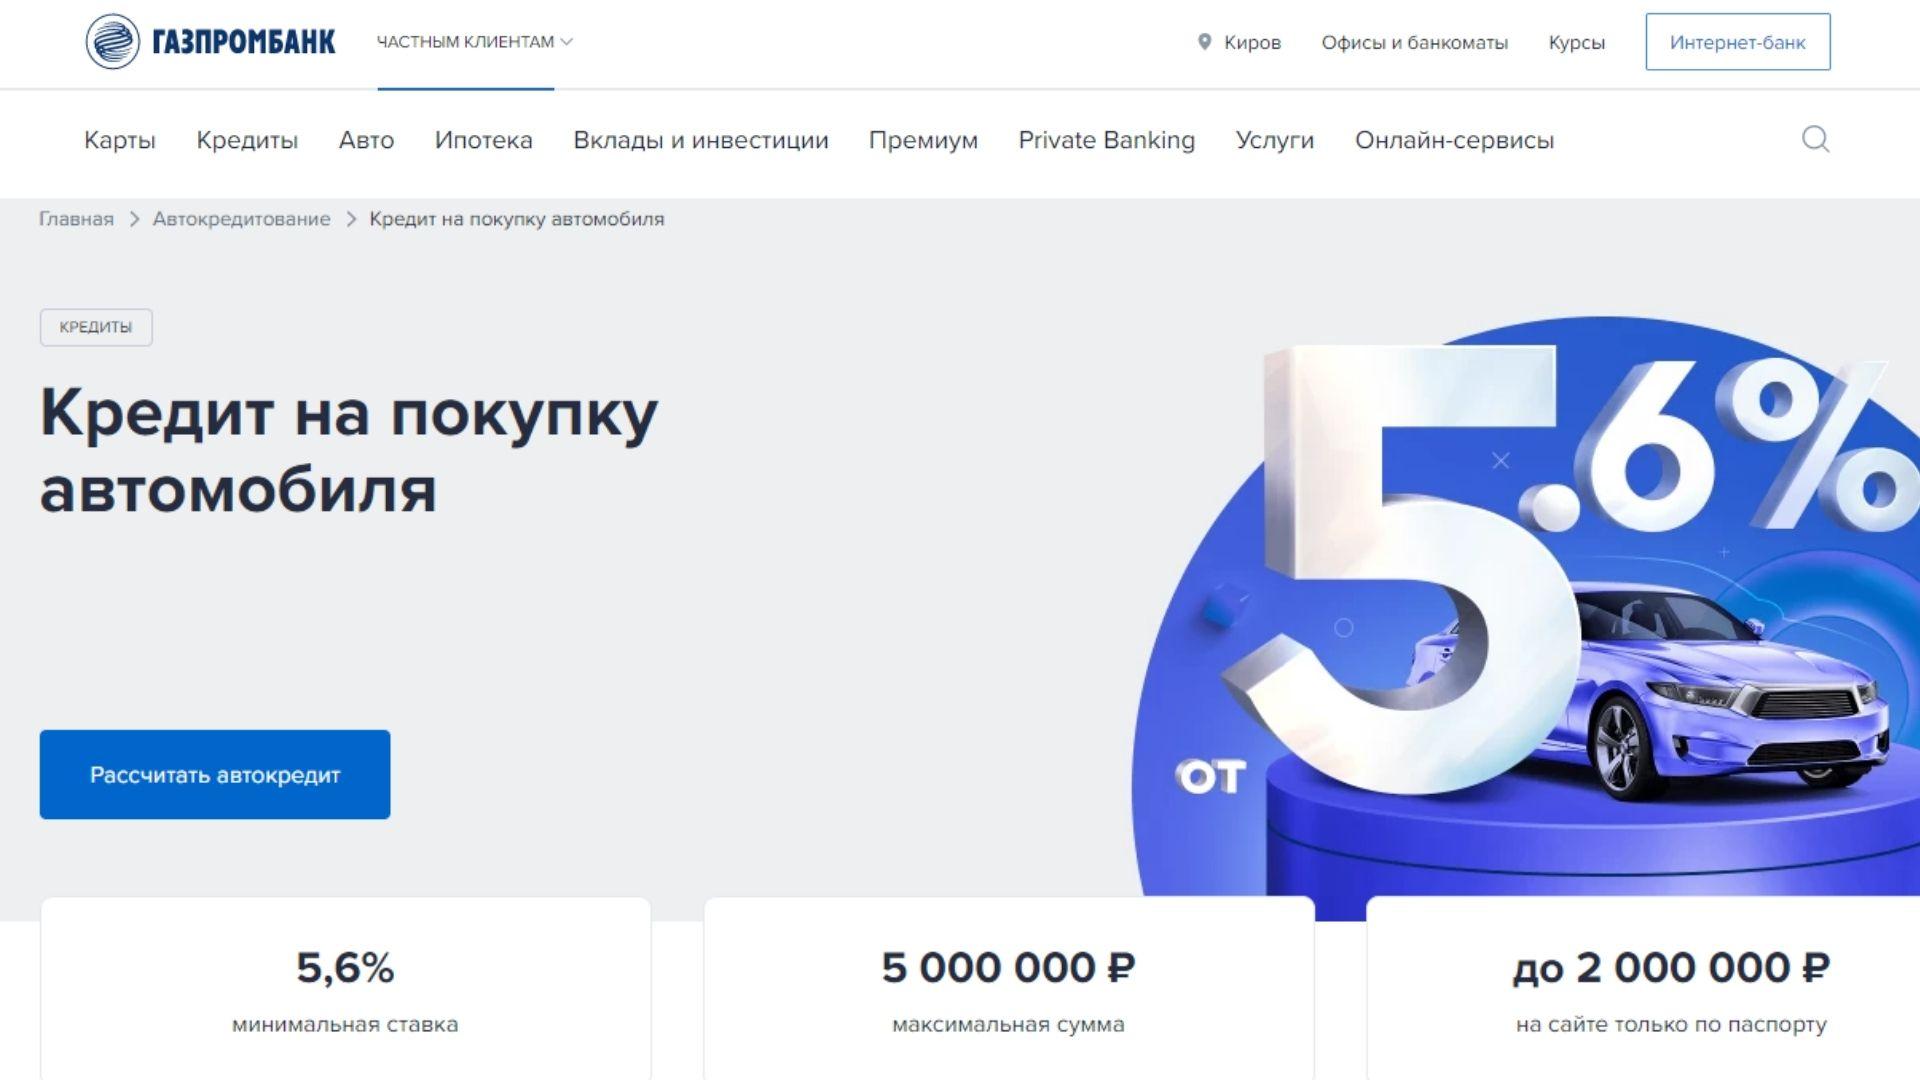 Автокредит. Самый низкий процент в Газпромбанке. Ставка 5,6%